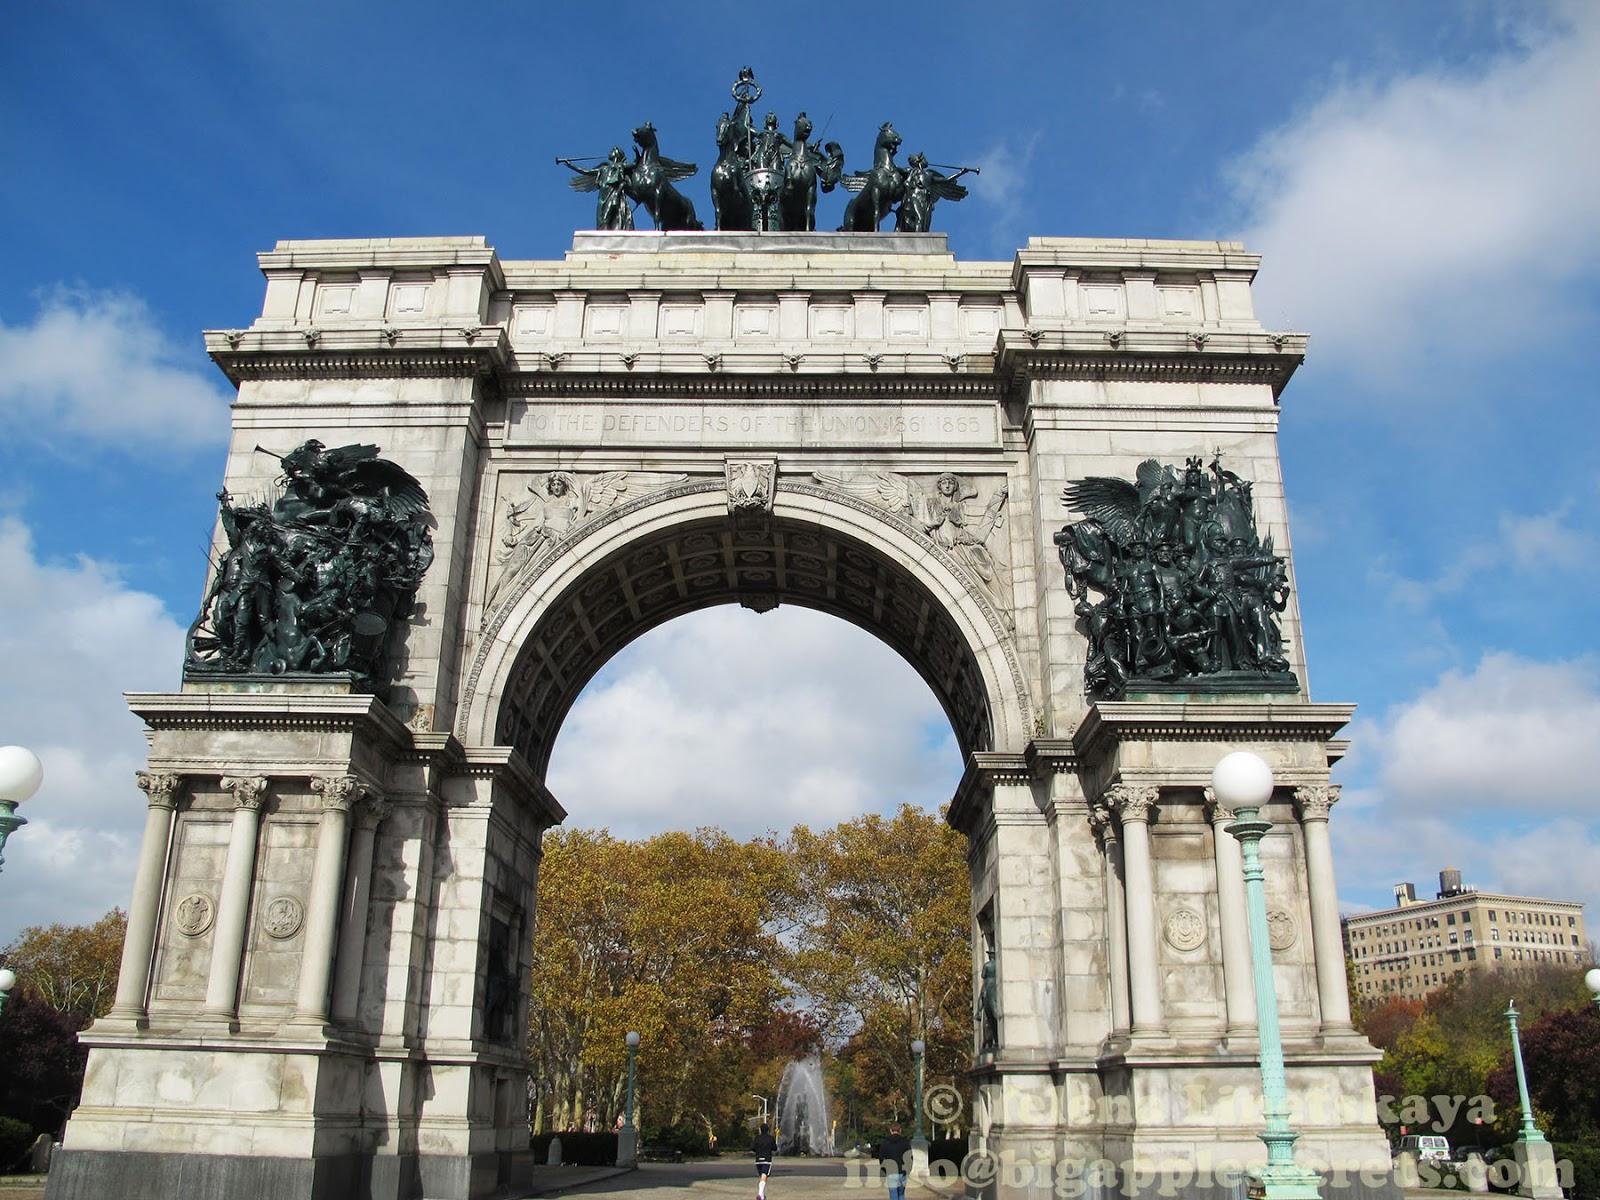 слышу триумфальные арки мира фото меня все енно